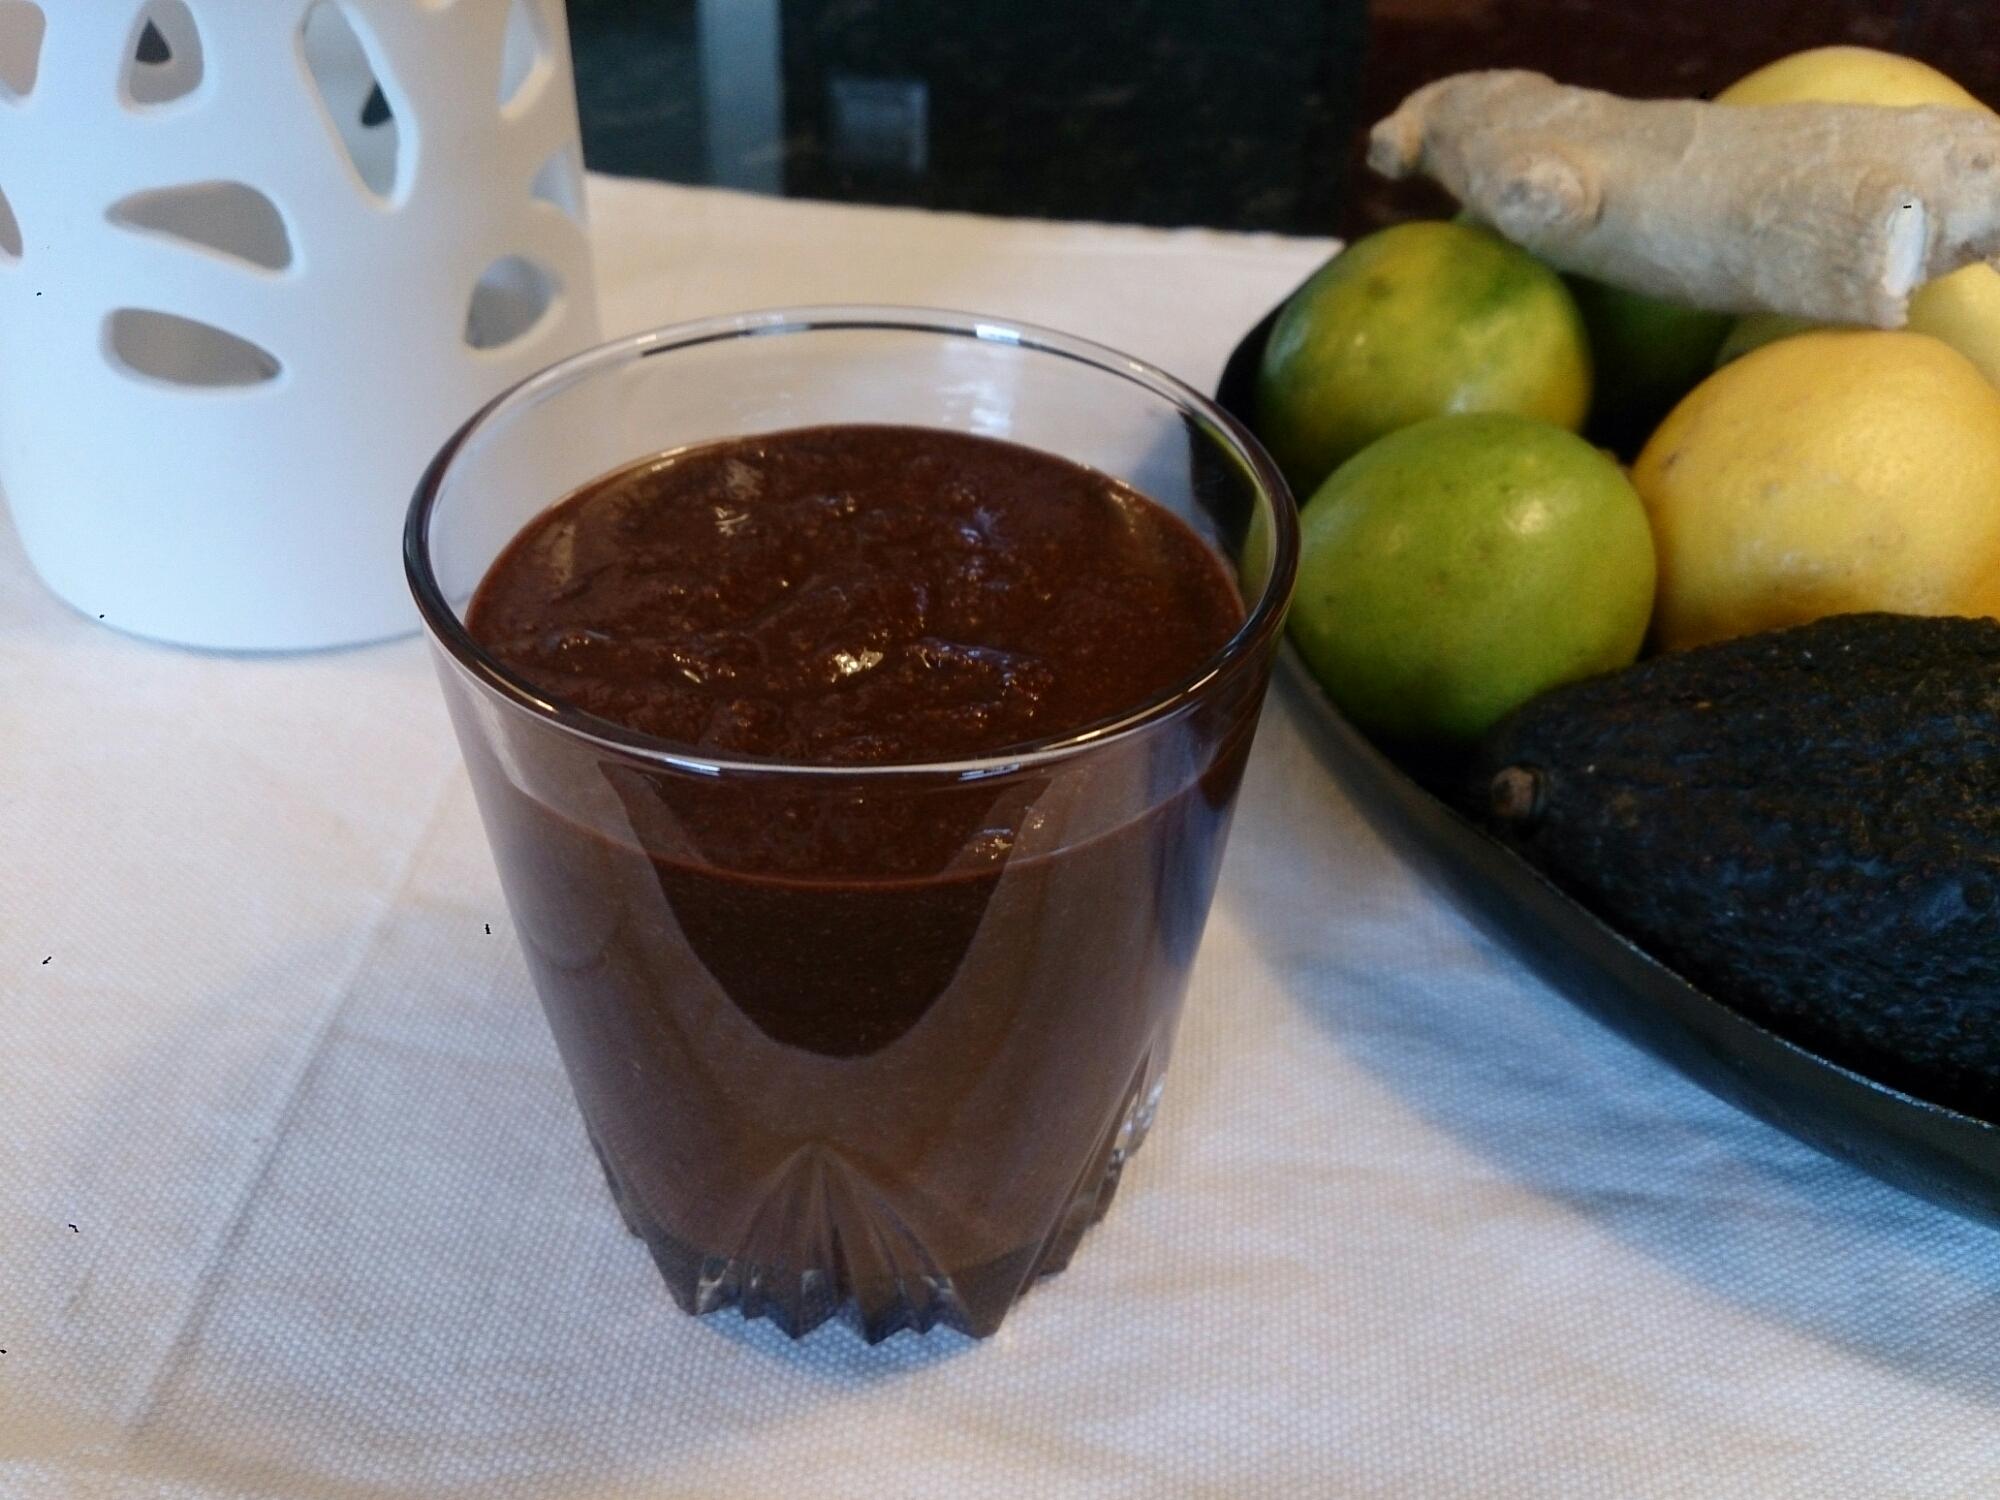 Nutella fri från hasselnötter, försök 2